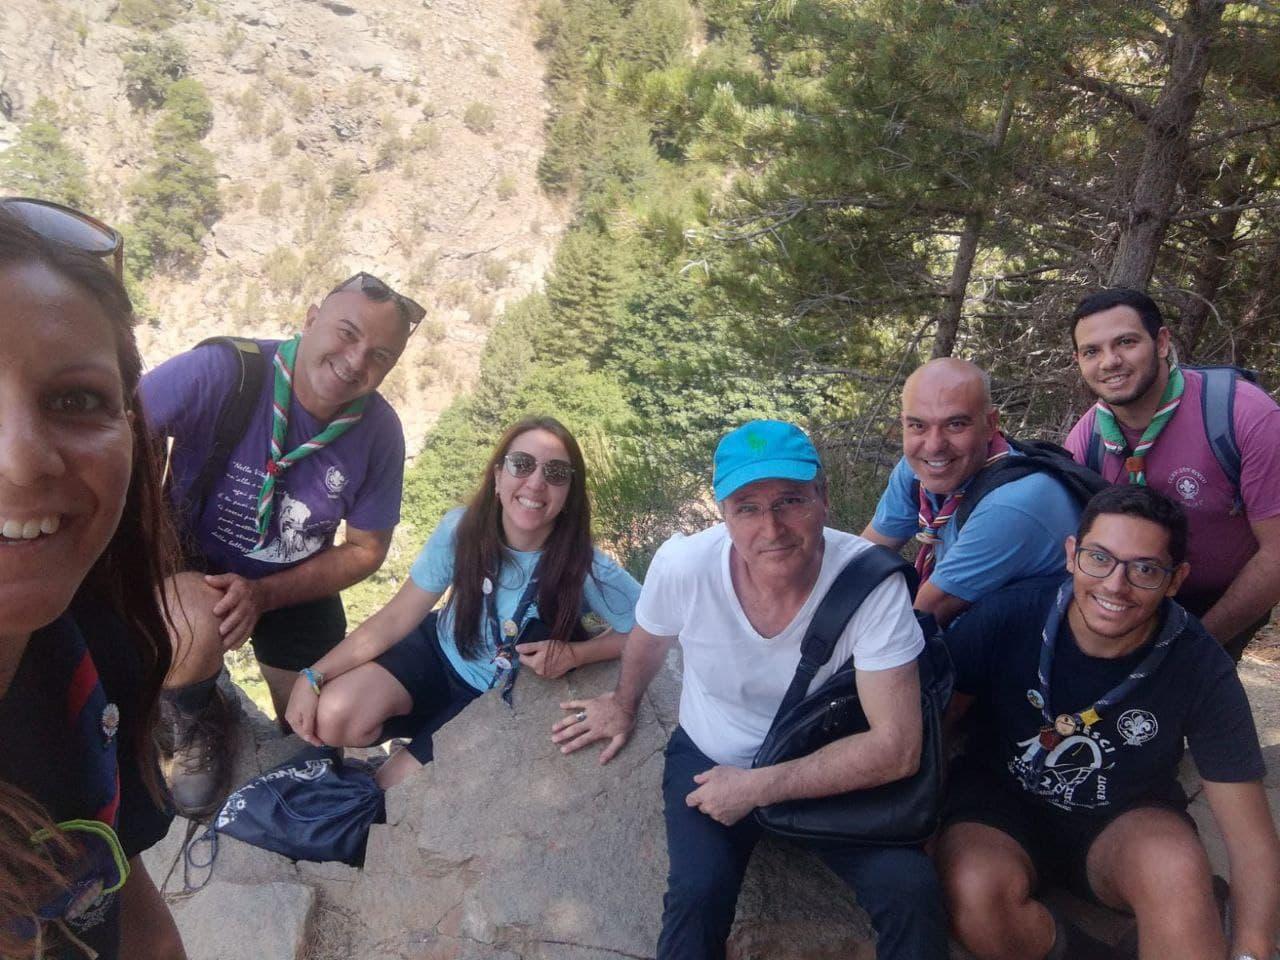 Il vescovo Morrone con gli scout: escursione in Aspromonte